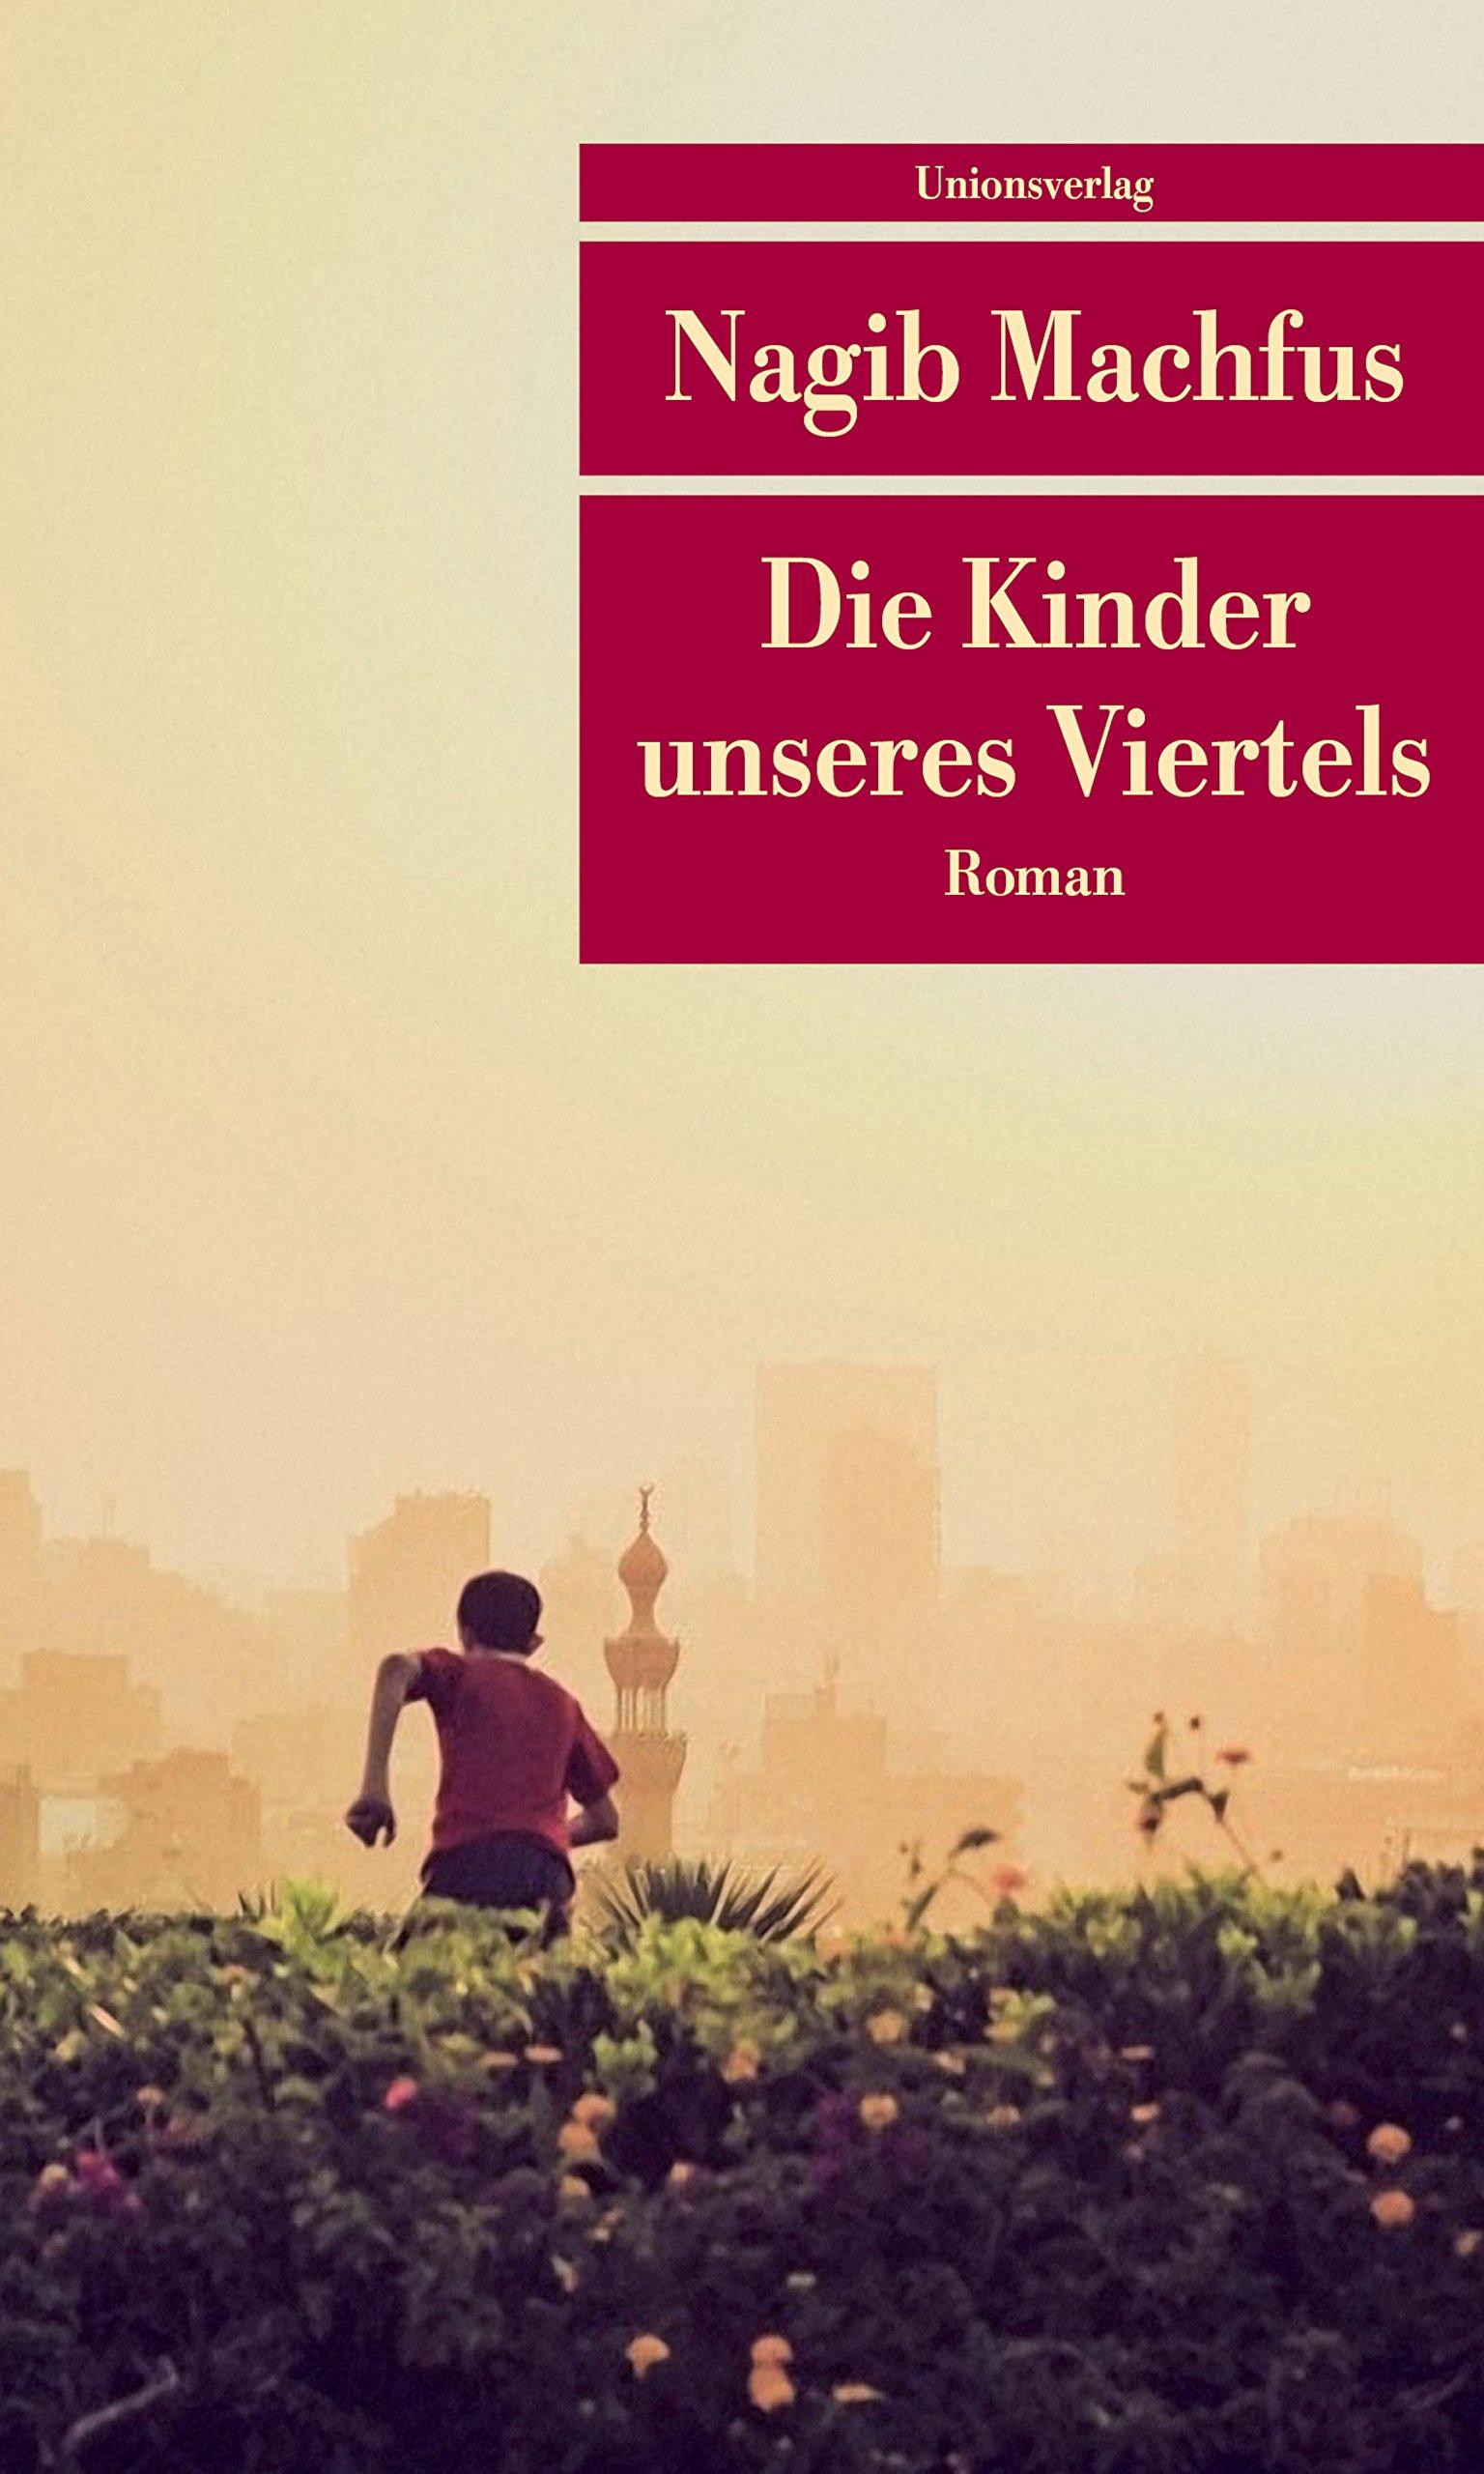 Die Kinder Unseres Viertels  Roman  Unionsverlag Taschenbücher